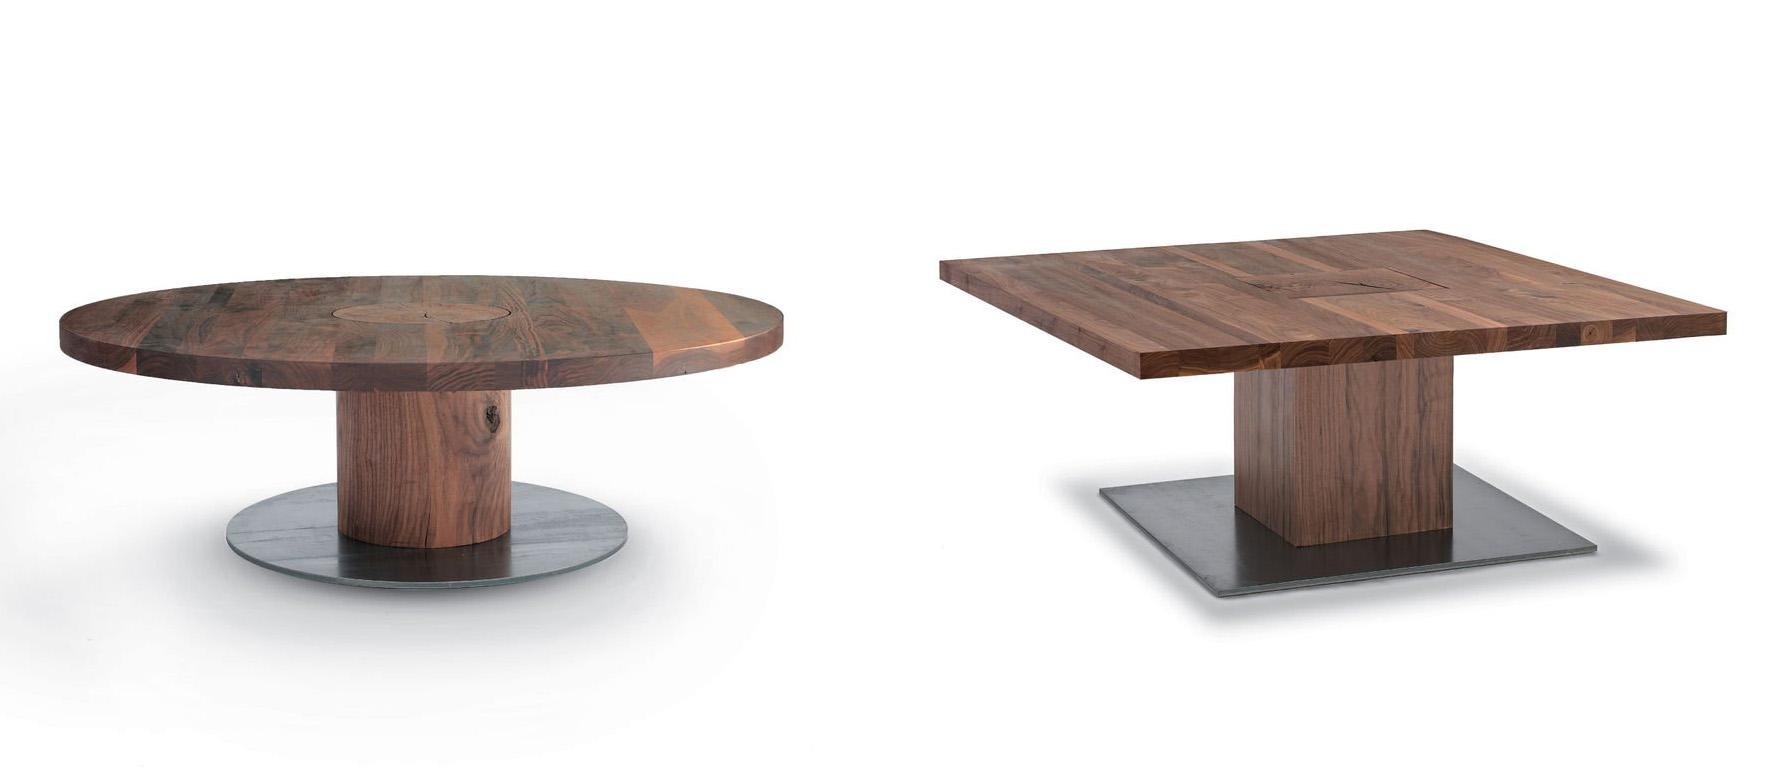 Boss Executive Small Quadrato & Tondo coffee table from Riva 1920, designed by C.R. & S. Riva 1920